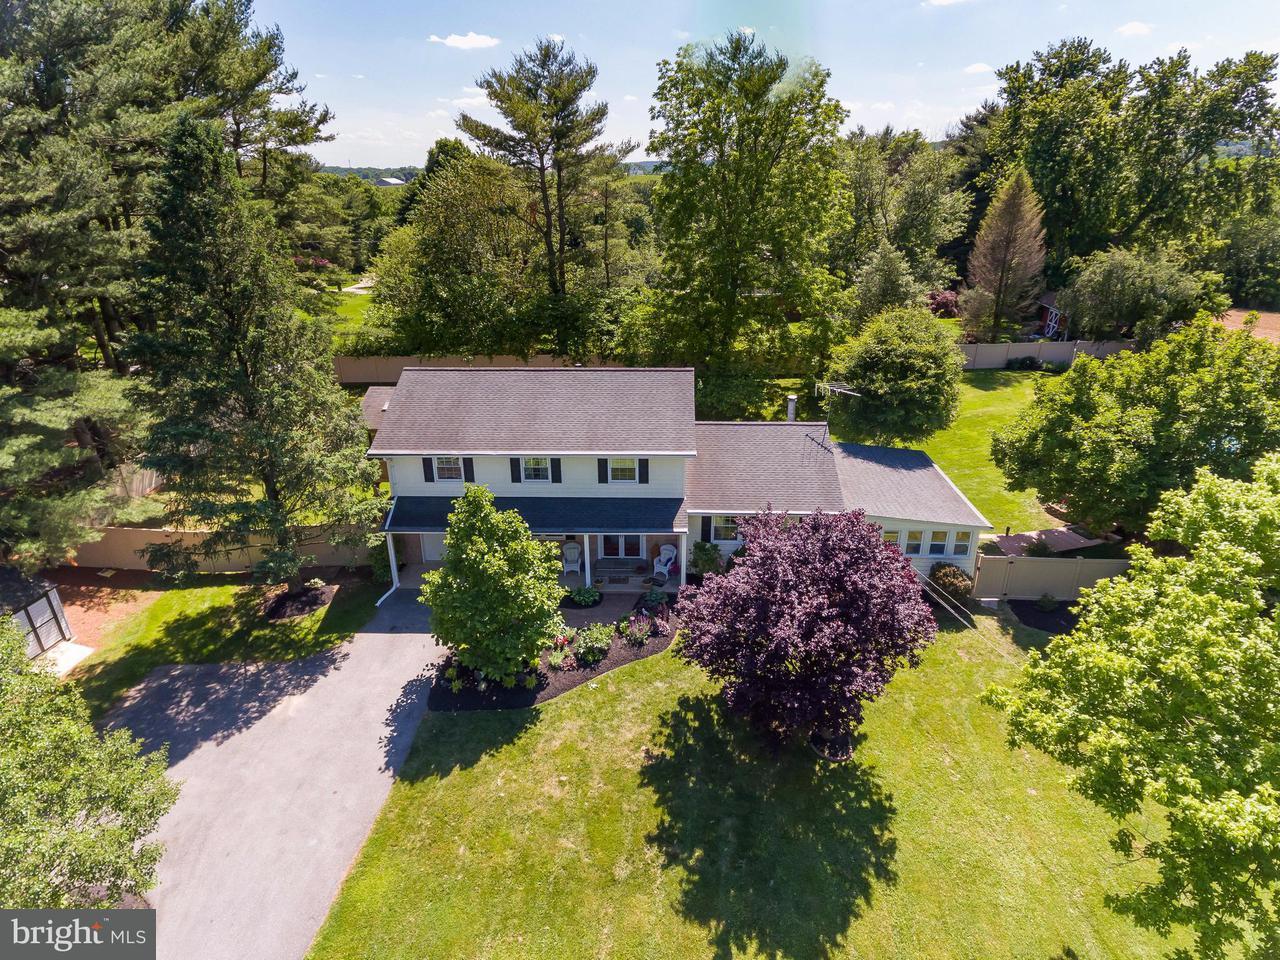 Частный односемейный дом для того Продажа на 11616 CAMP CONE Road 11616 CAMP CONE Road Glen Arm, Мэриленд 21057 Соединенные Штаты